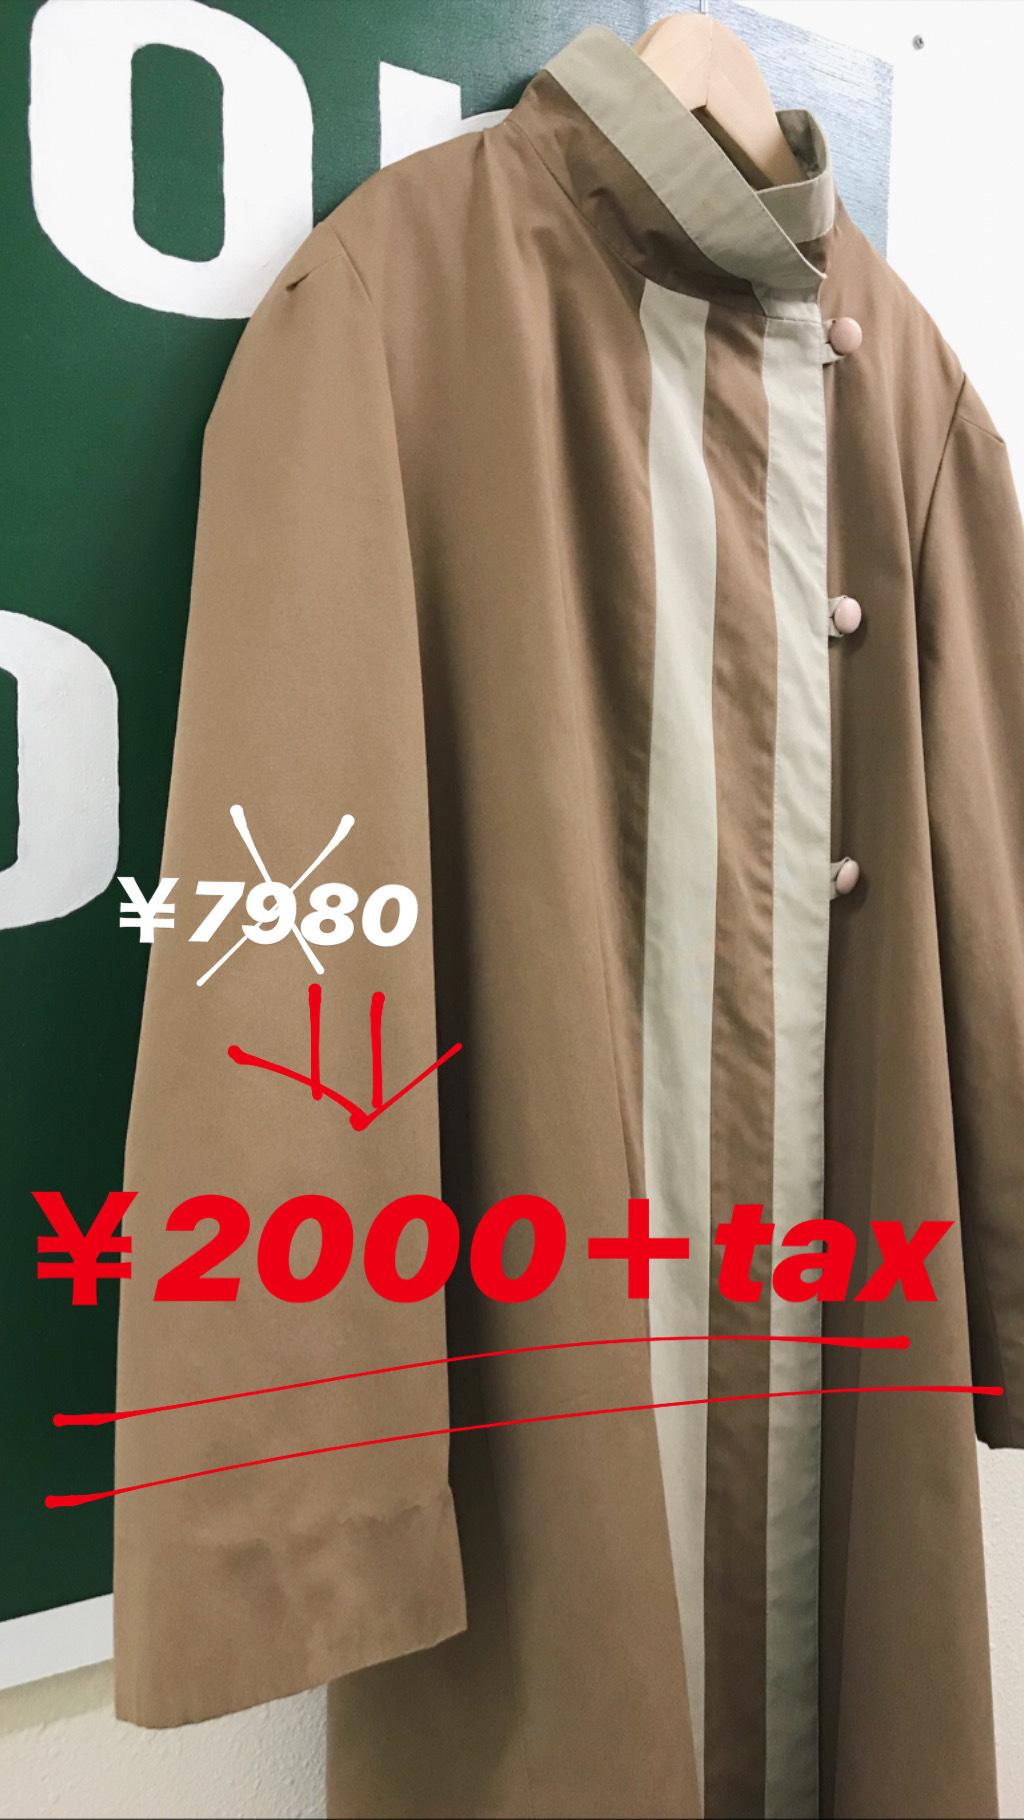 2000円ラック登場しました!floorアイテムご紹介!_d0090714_13223417.jpeg